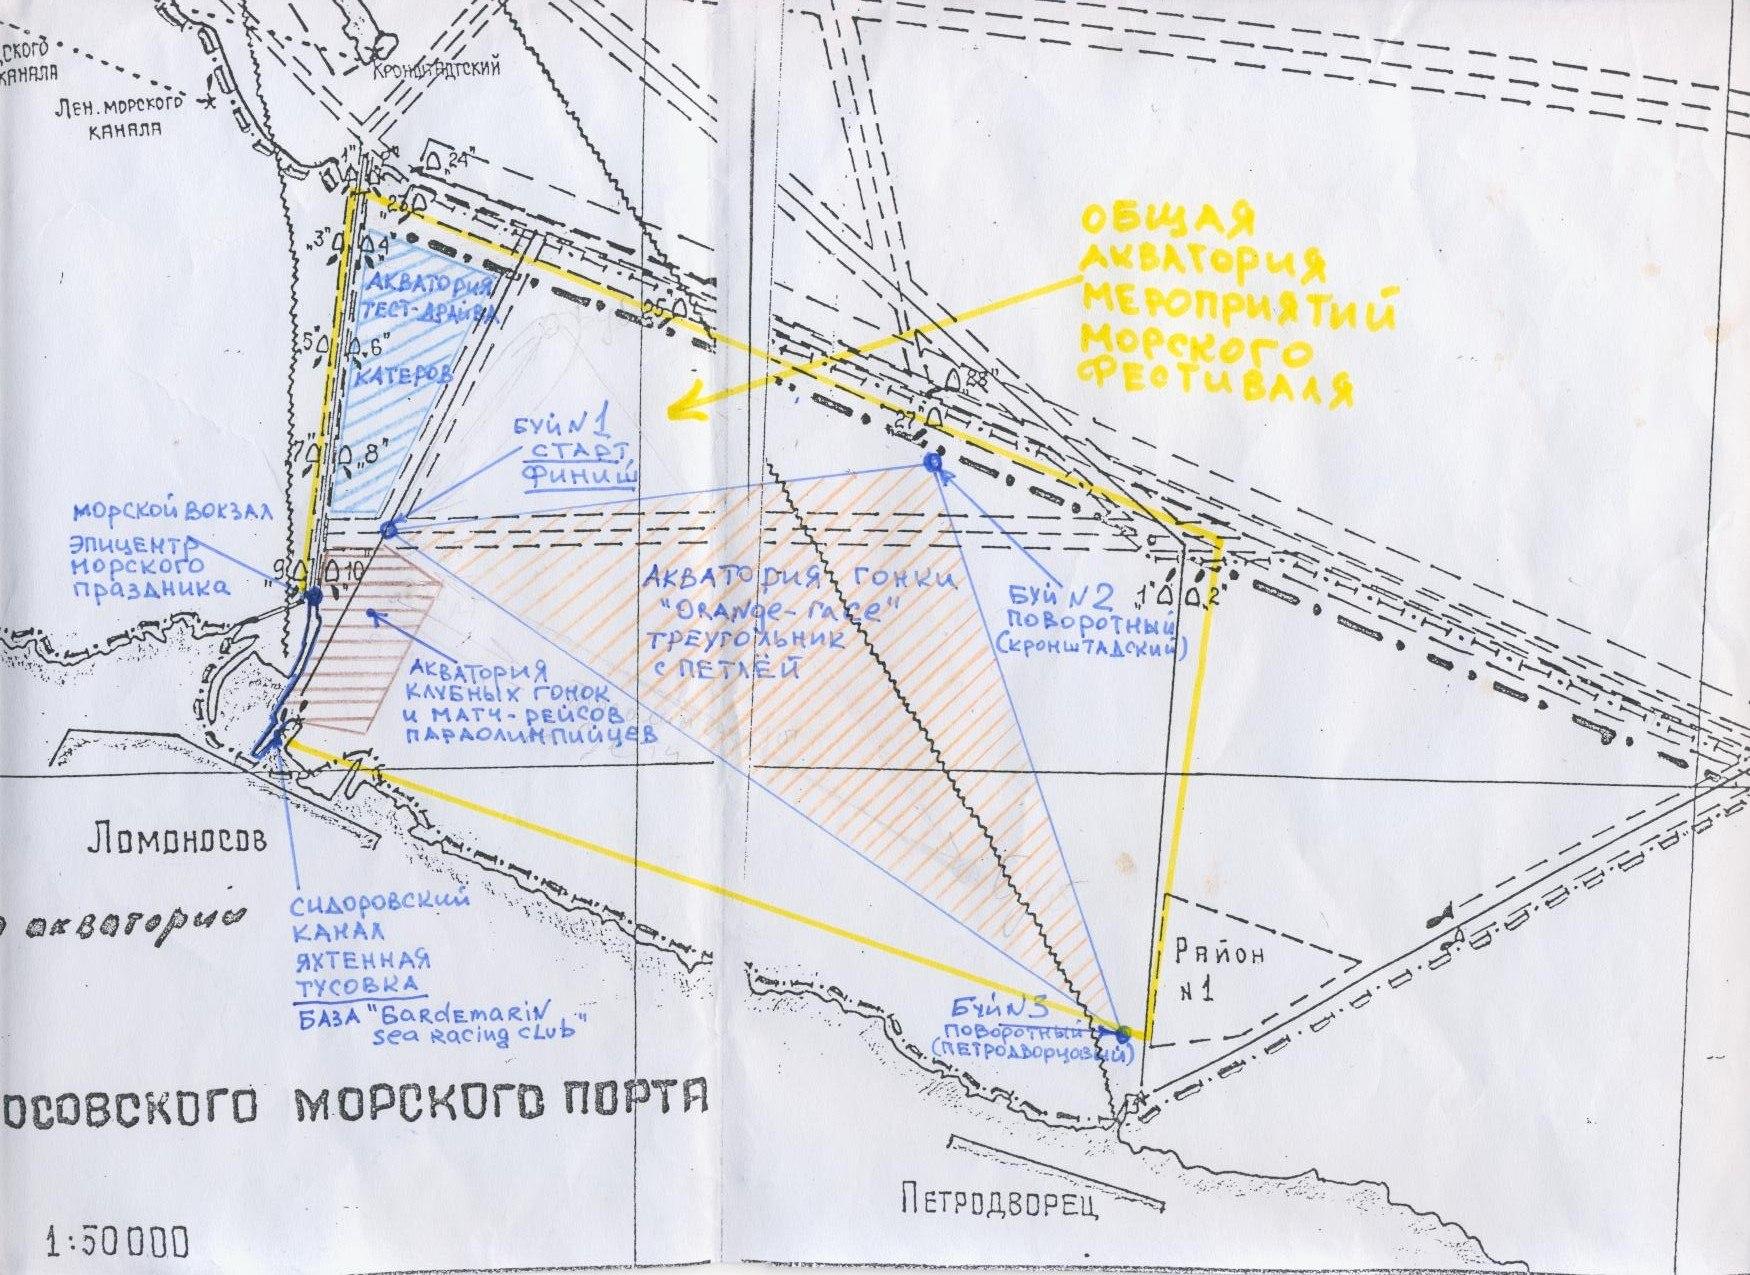 Балтийский-калище схема